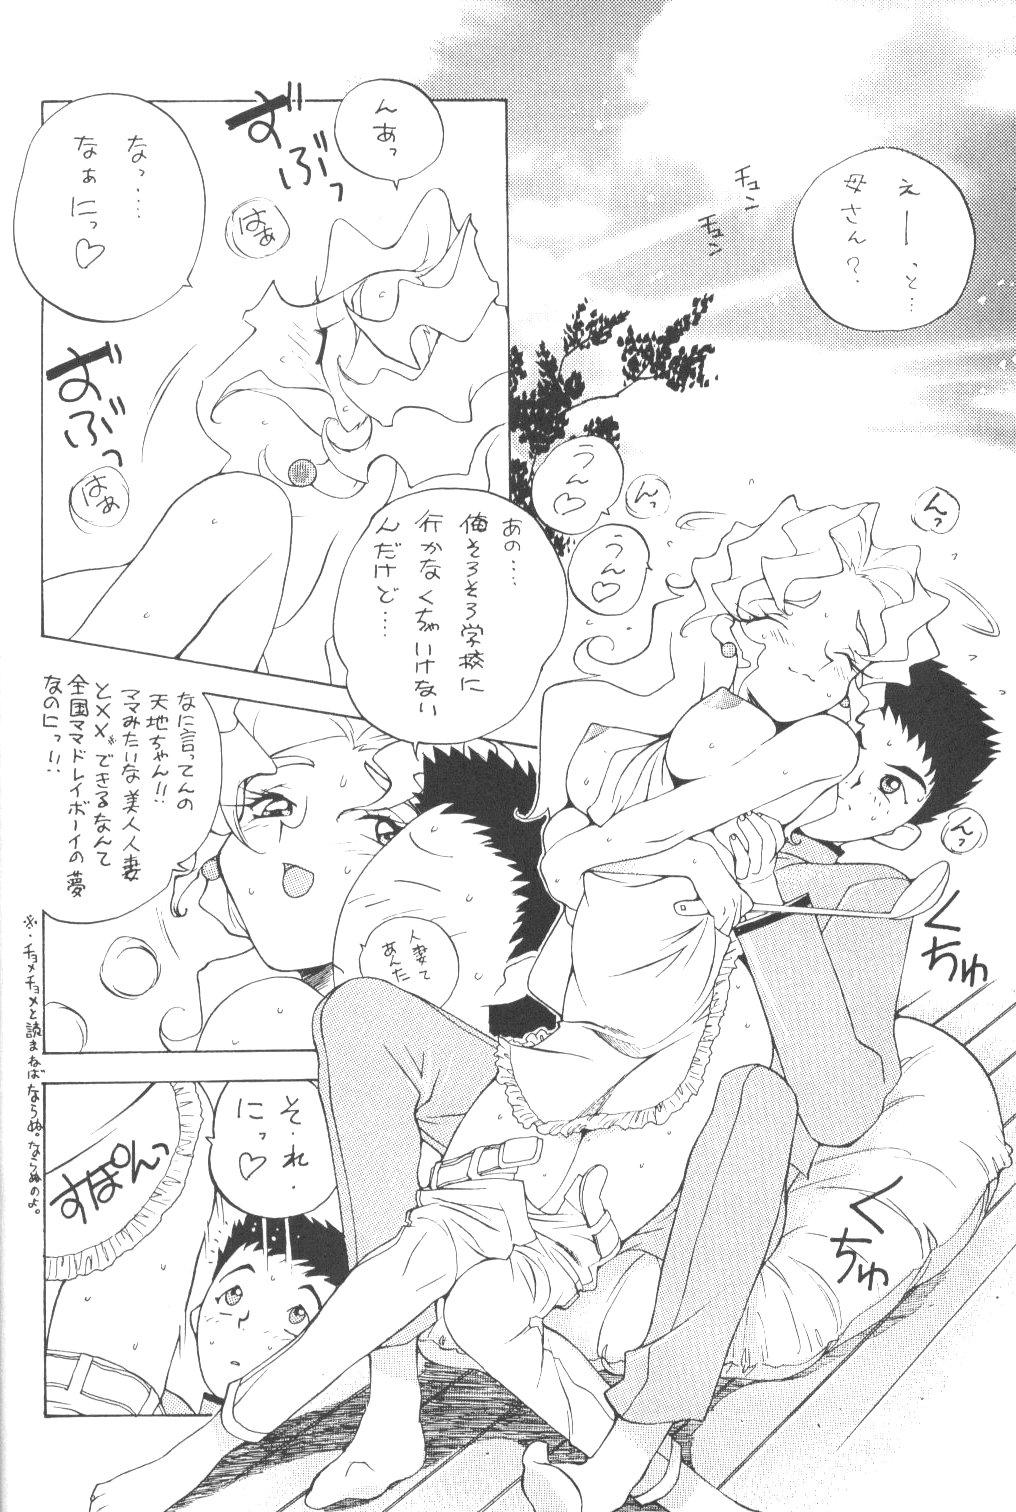 Tabeta Kigasuru 13 4